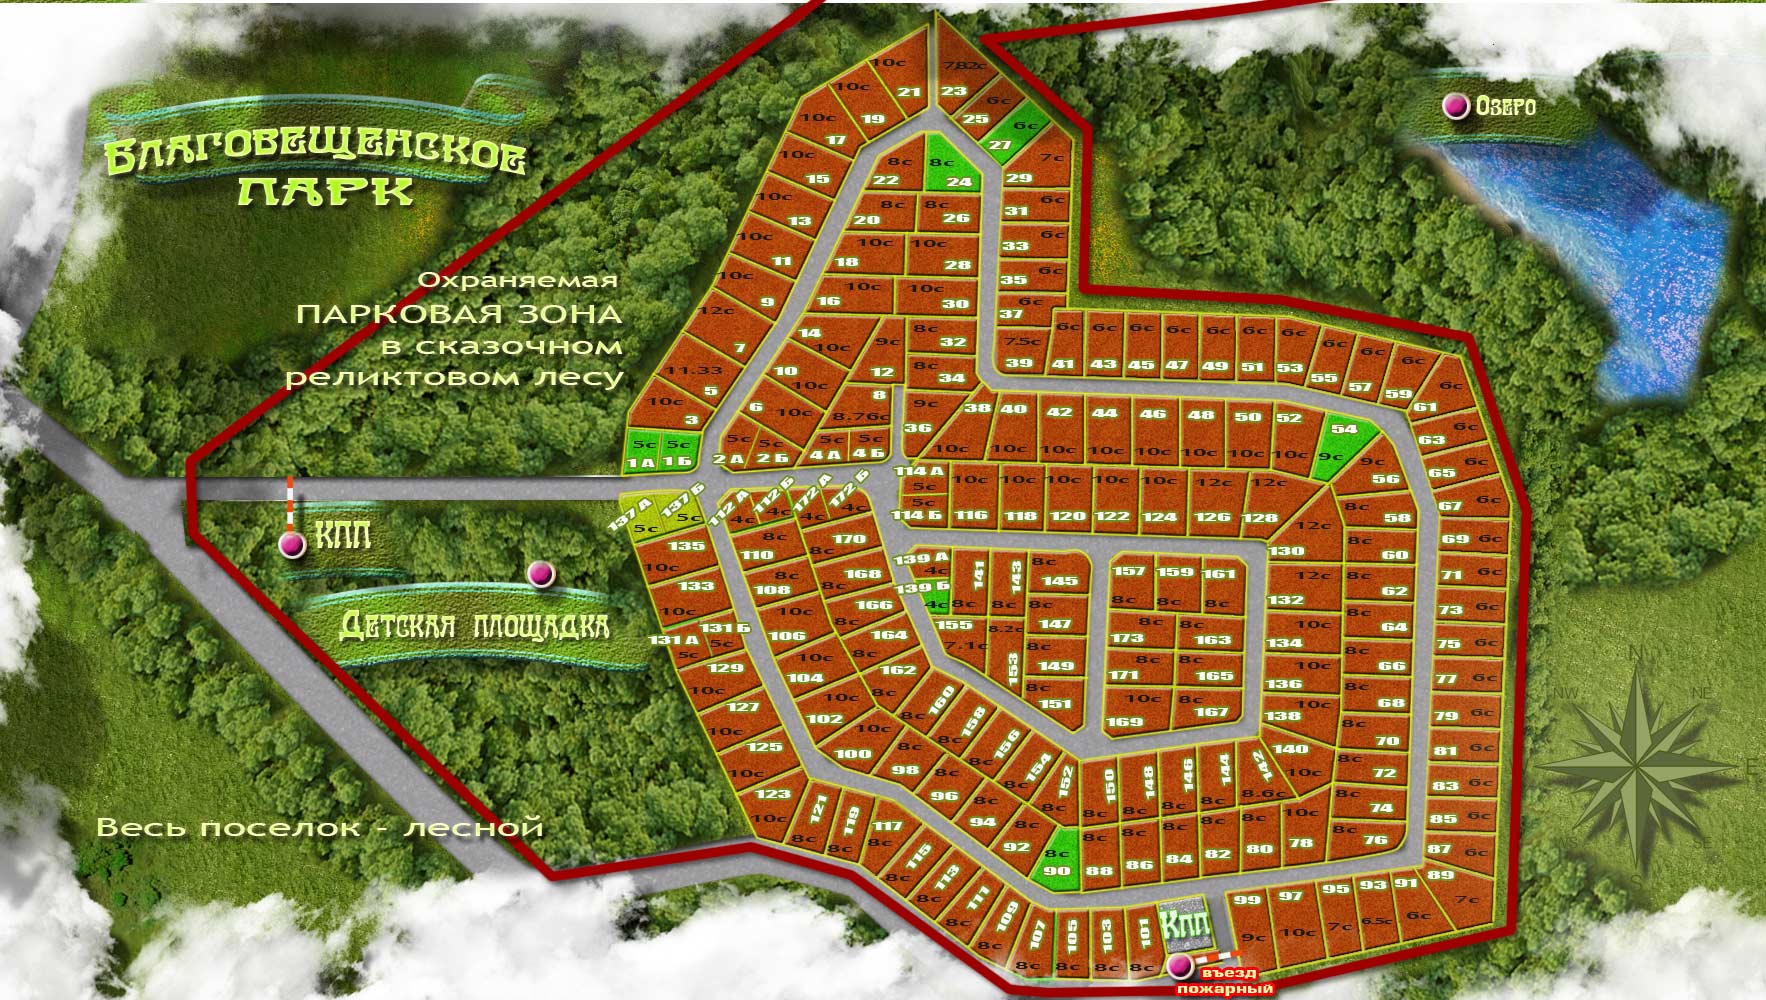 КП Благовещенское Парк Генеральный план